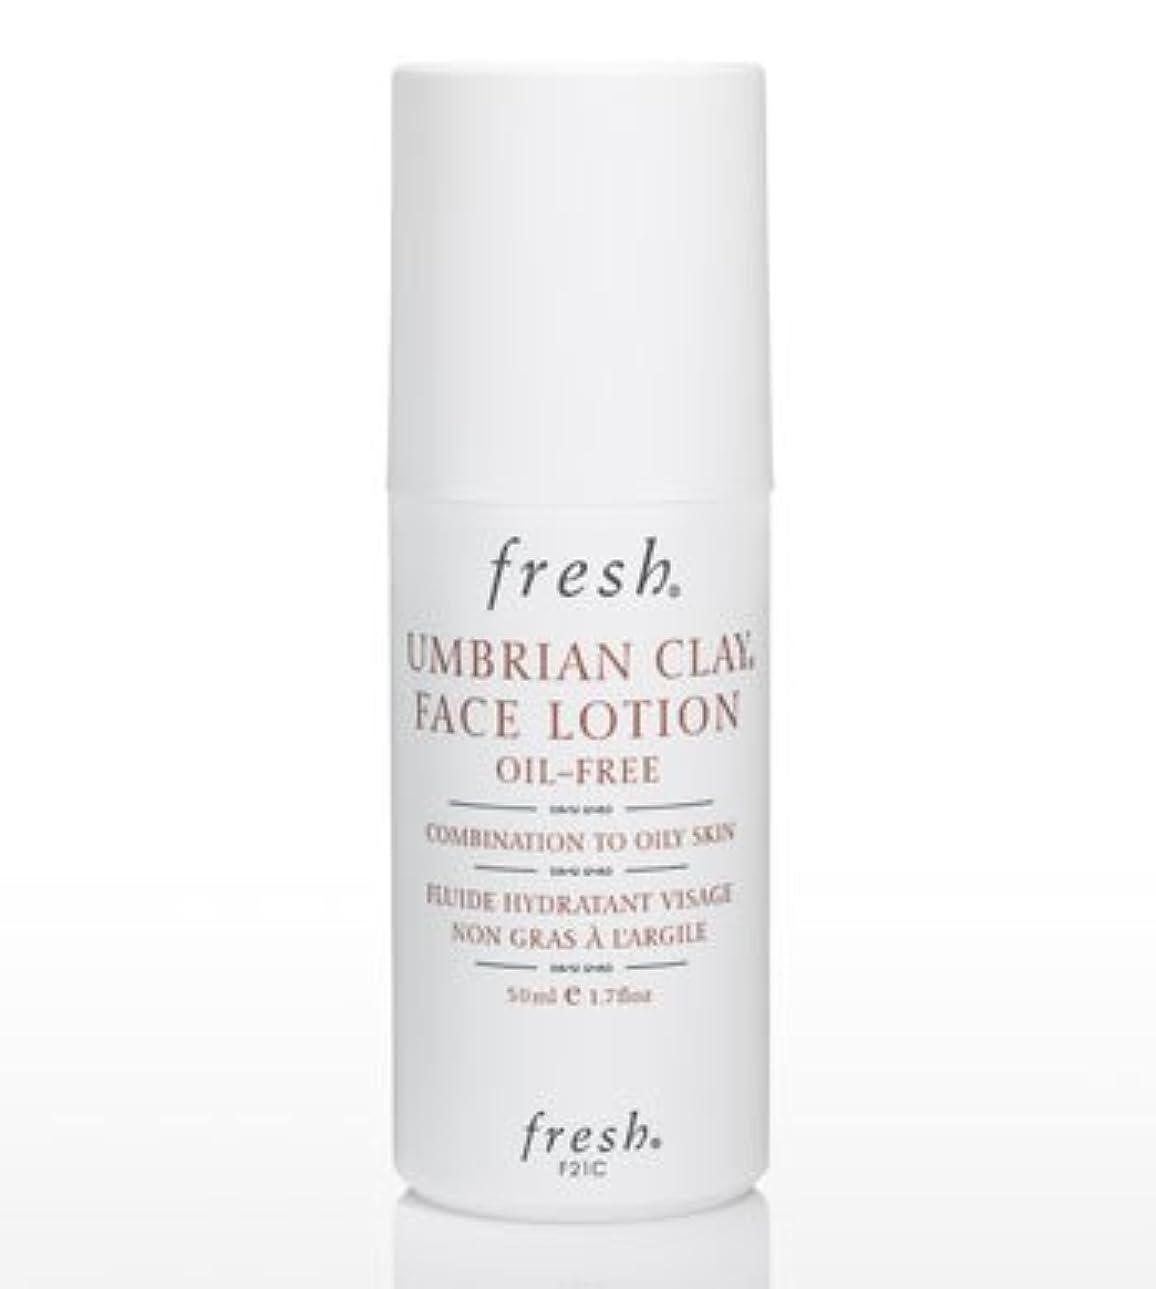 本当のことを言うと貼り直すかどうかFresh UMBRIAN CLAY OIL-FREE FACE LOTION (フレッシュ アンブリアンクレイ オイルフリー フェイスローション) 1.7 oz (50ml) by Fresh for Women